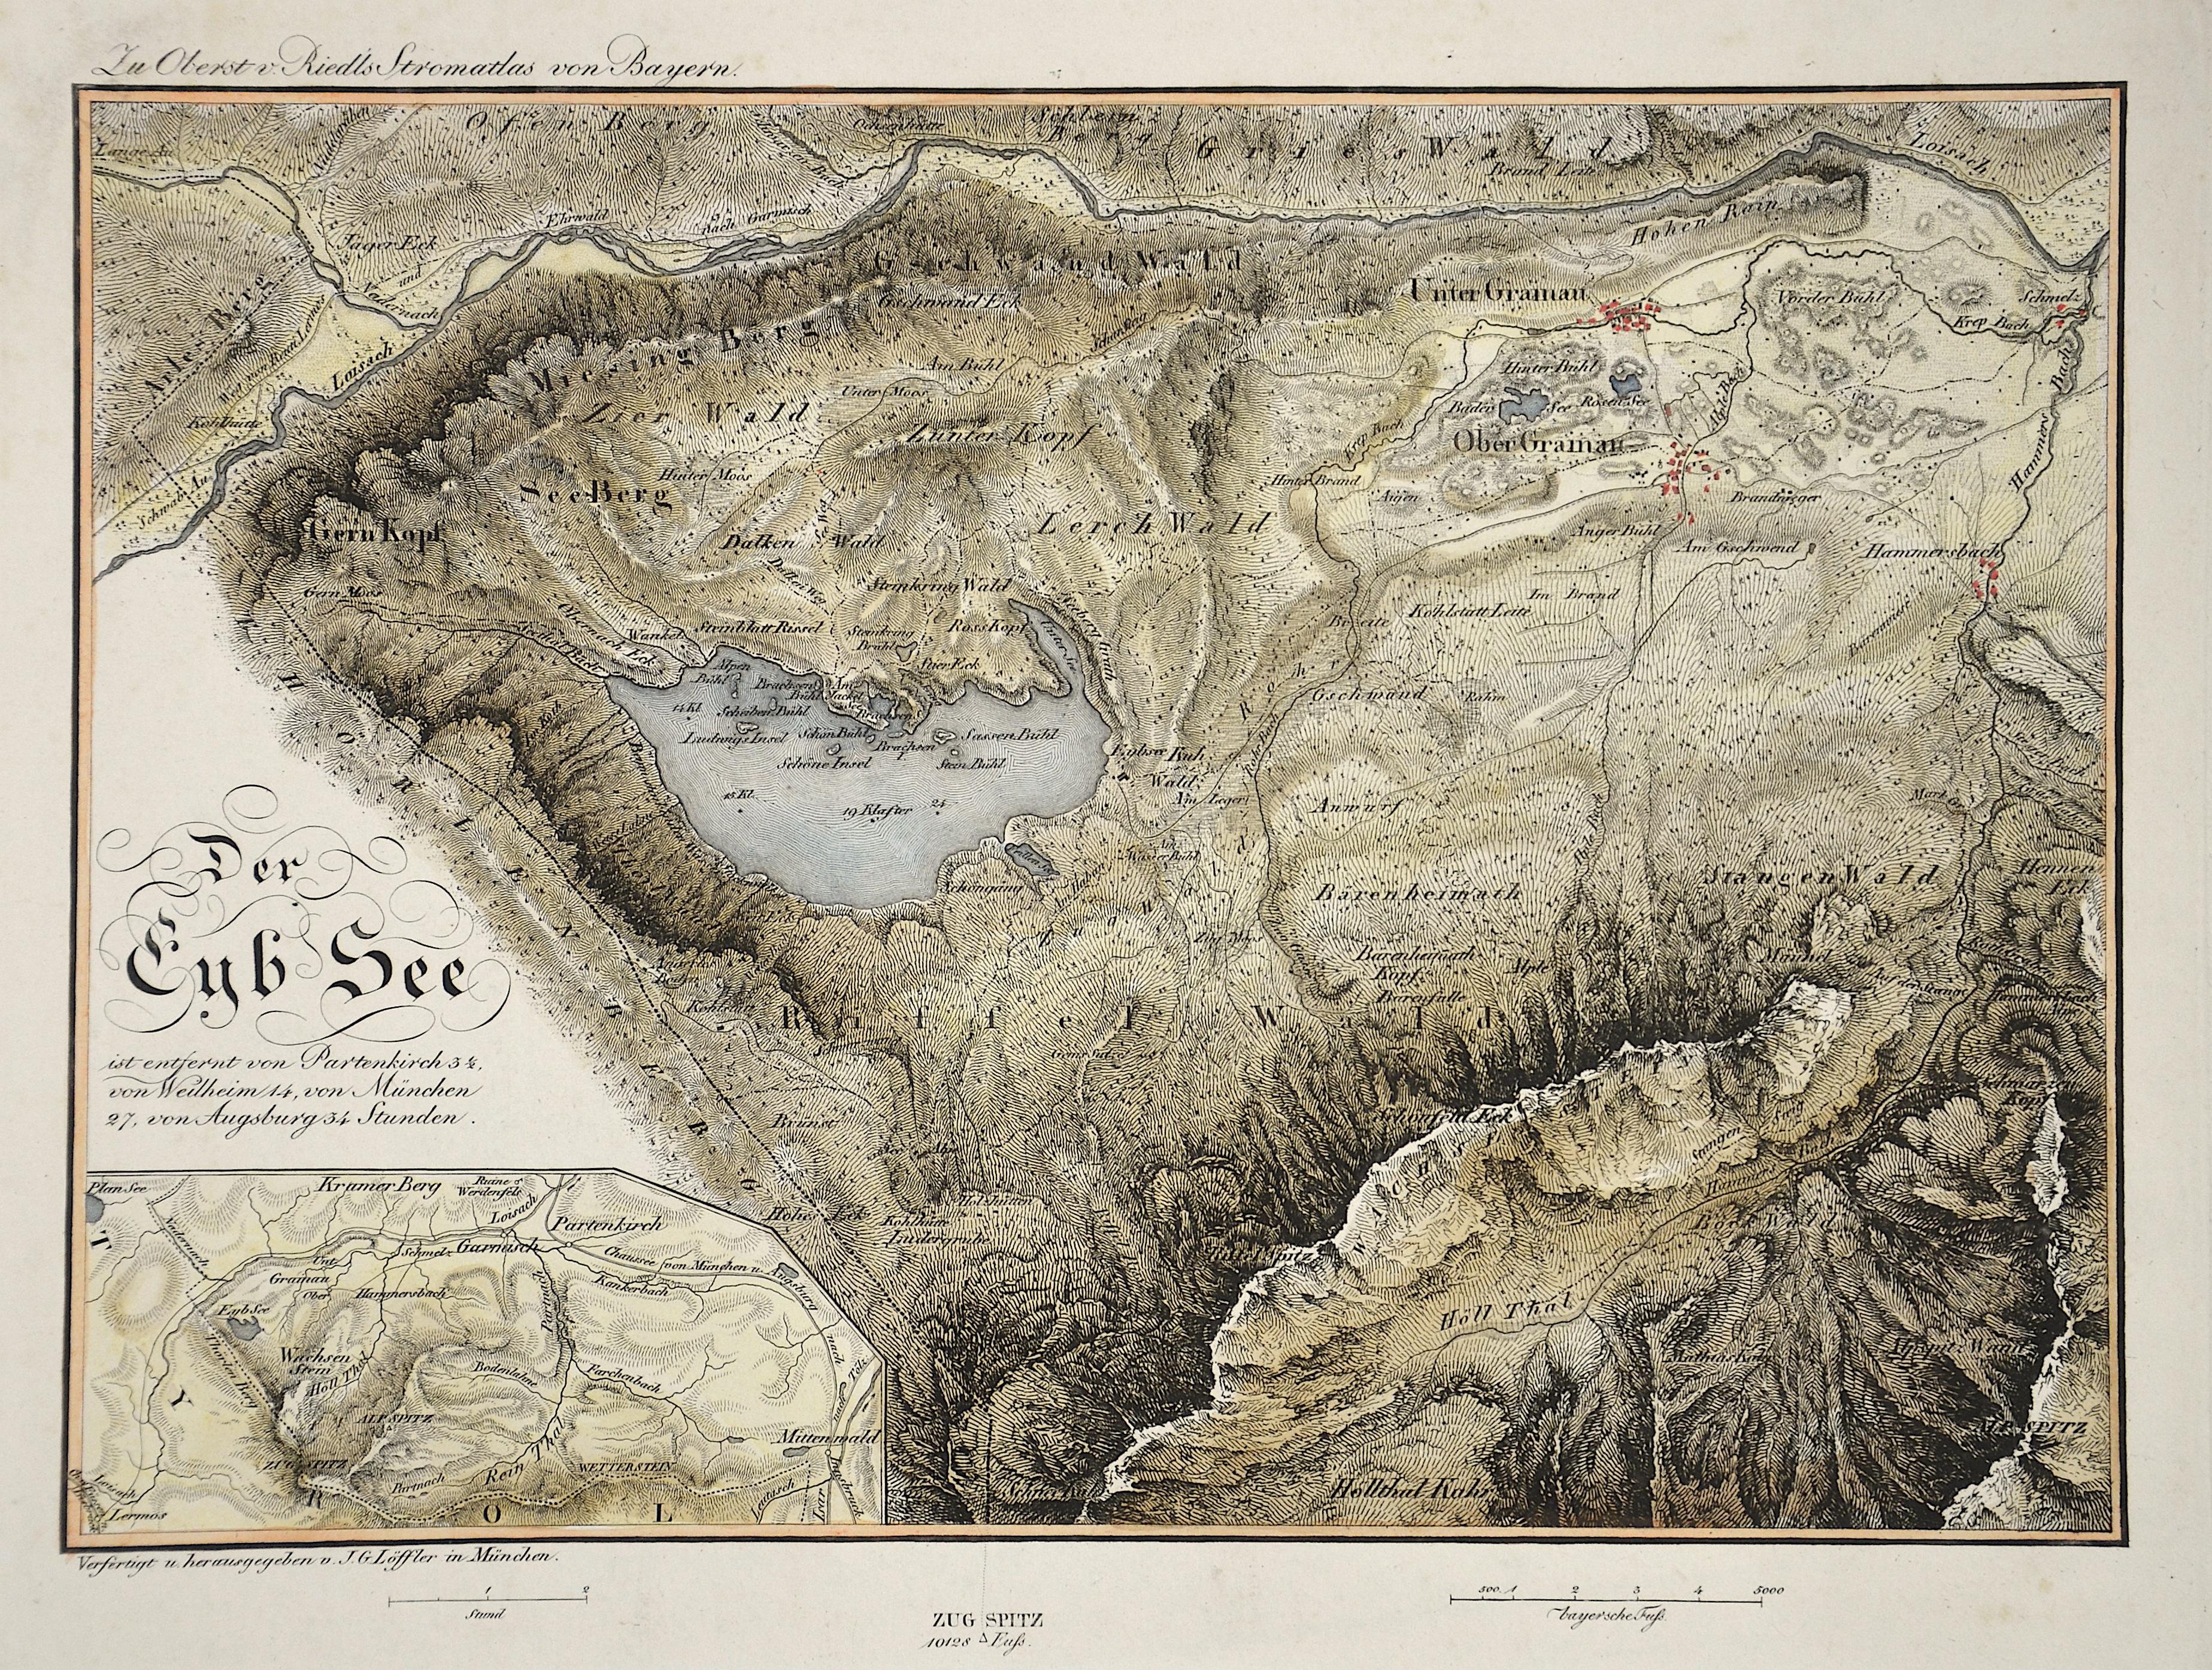 Riedl Adrian von Der Eyb See ist entfernt von Partenkirchen..